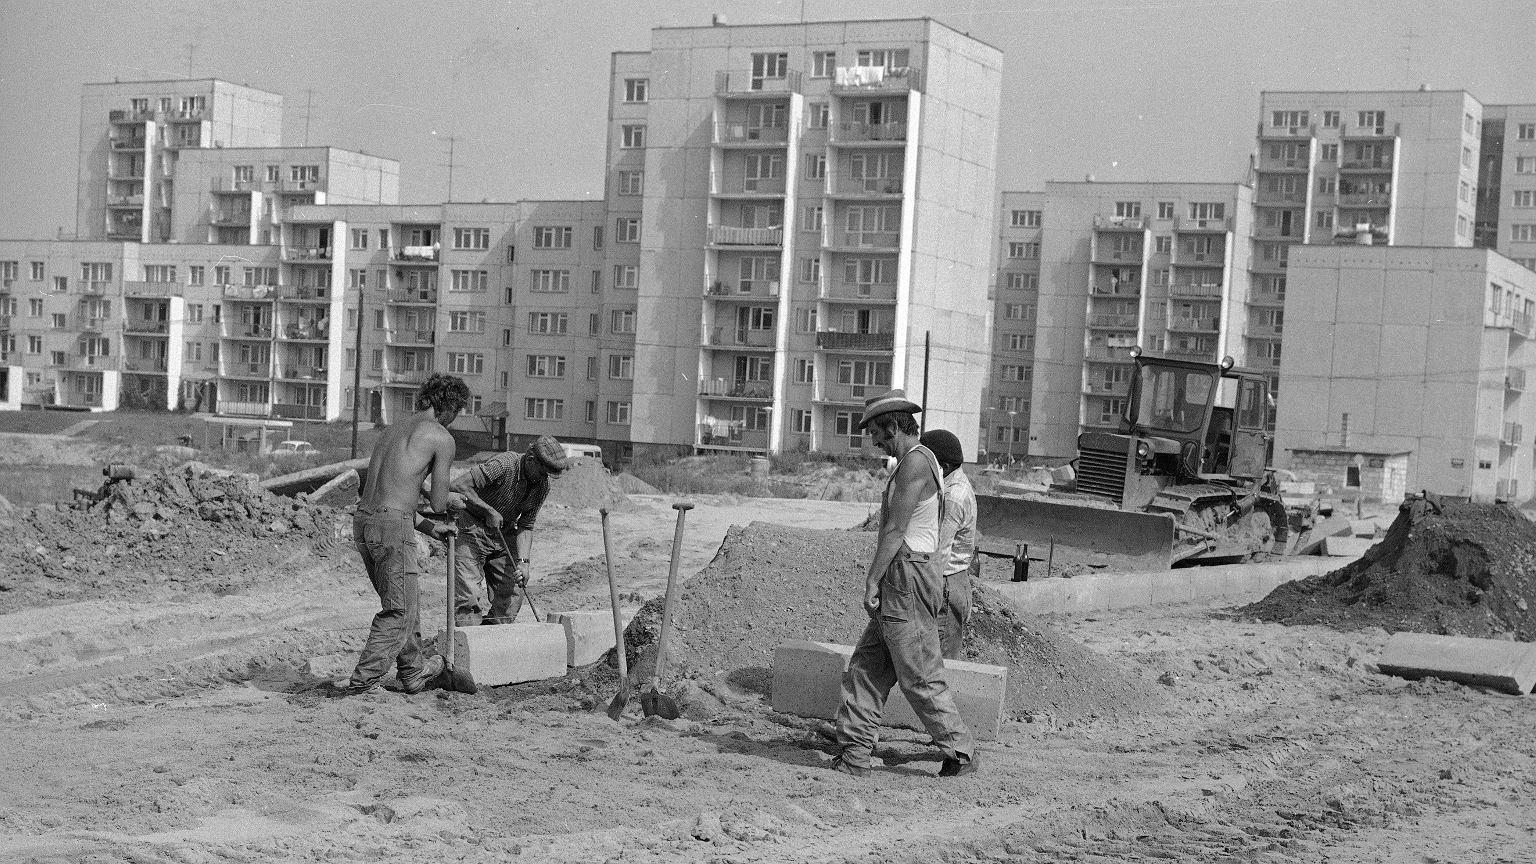 Budowa warszawskiego osiedla Ursynów, lata 70.